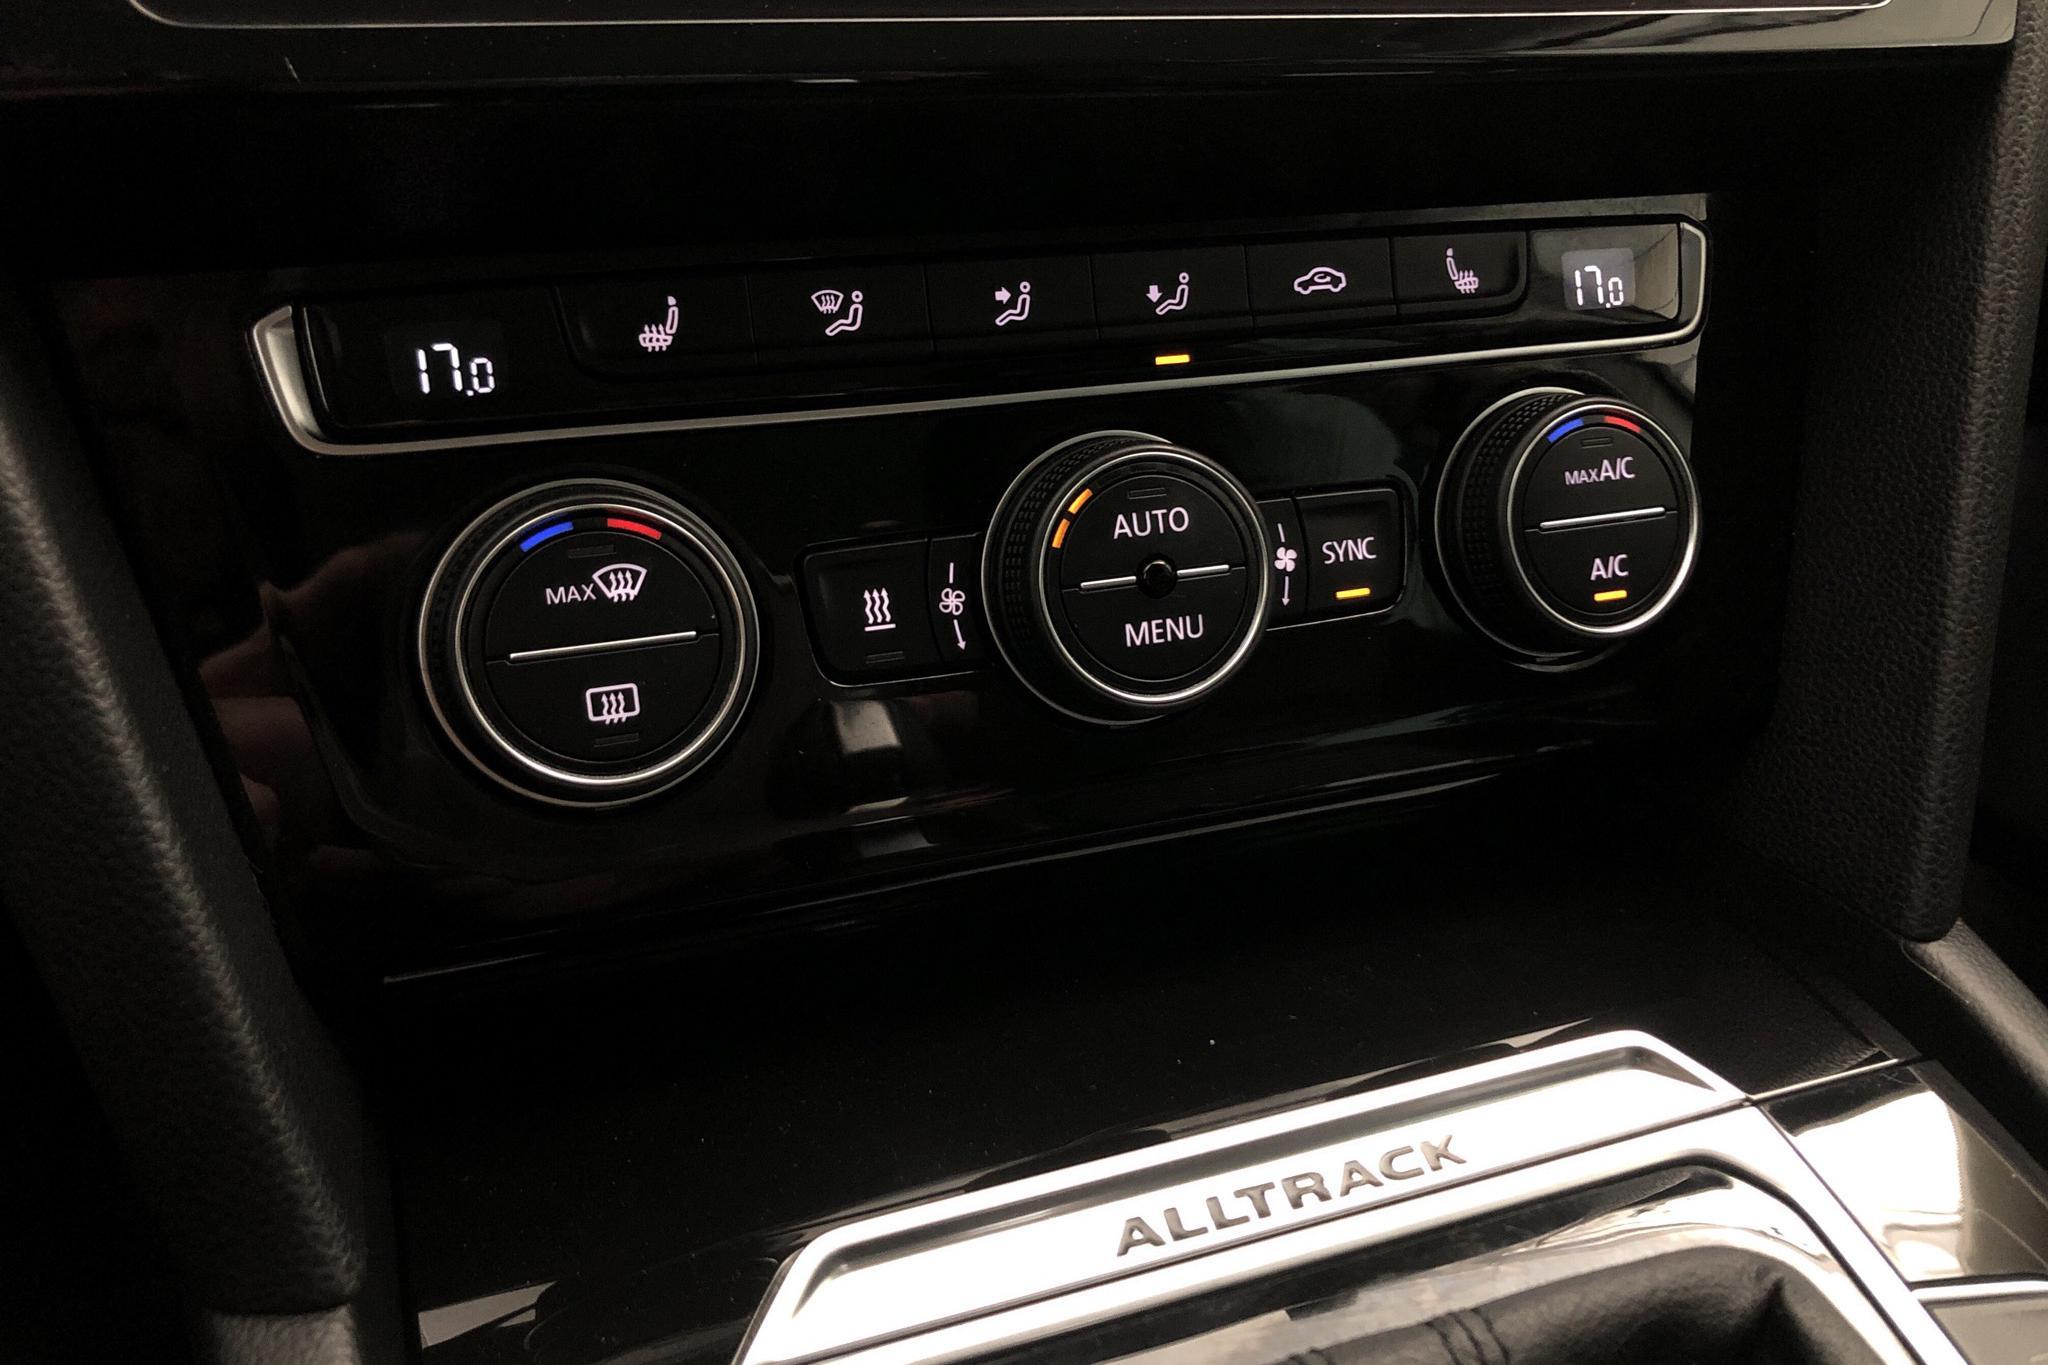 VW Passat 2.0 TDI Sportscombi 4MOTION (190hk) - 11 452 mil - Automat - vit - 2018